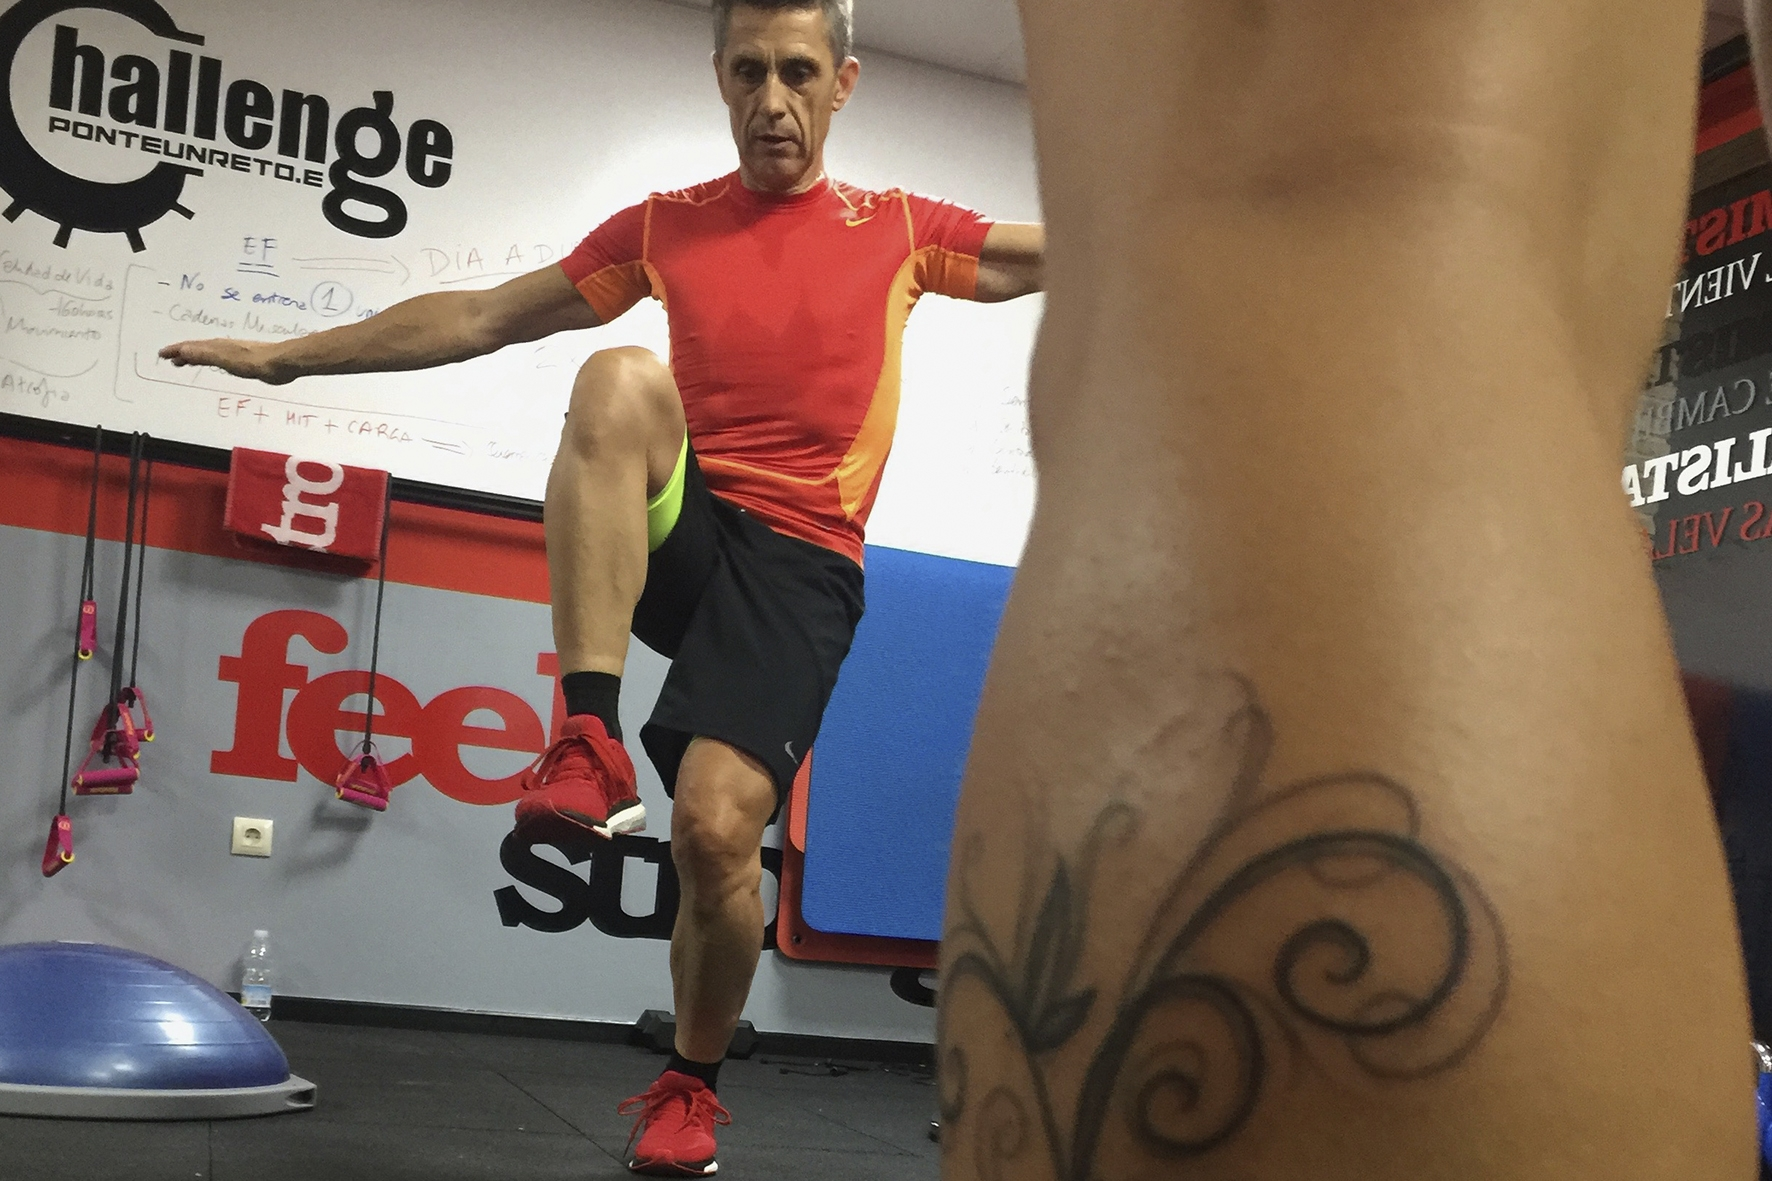 Entrenamiento Funcional 9 Feel Strong Sienttfuerte Sala de entrenamiento en Navalcarnero Madrid